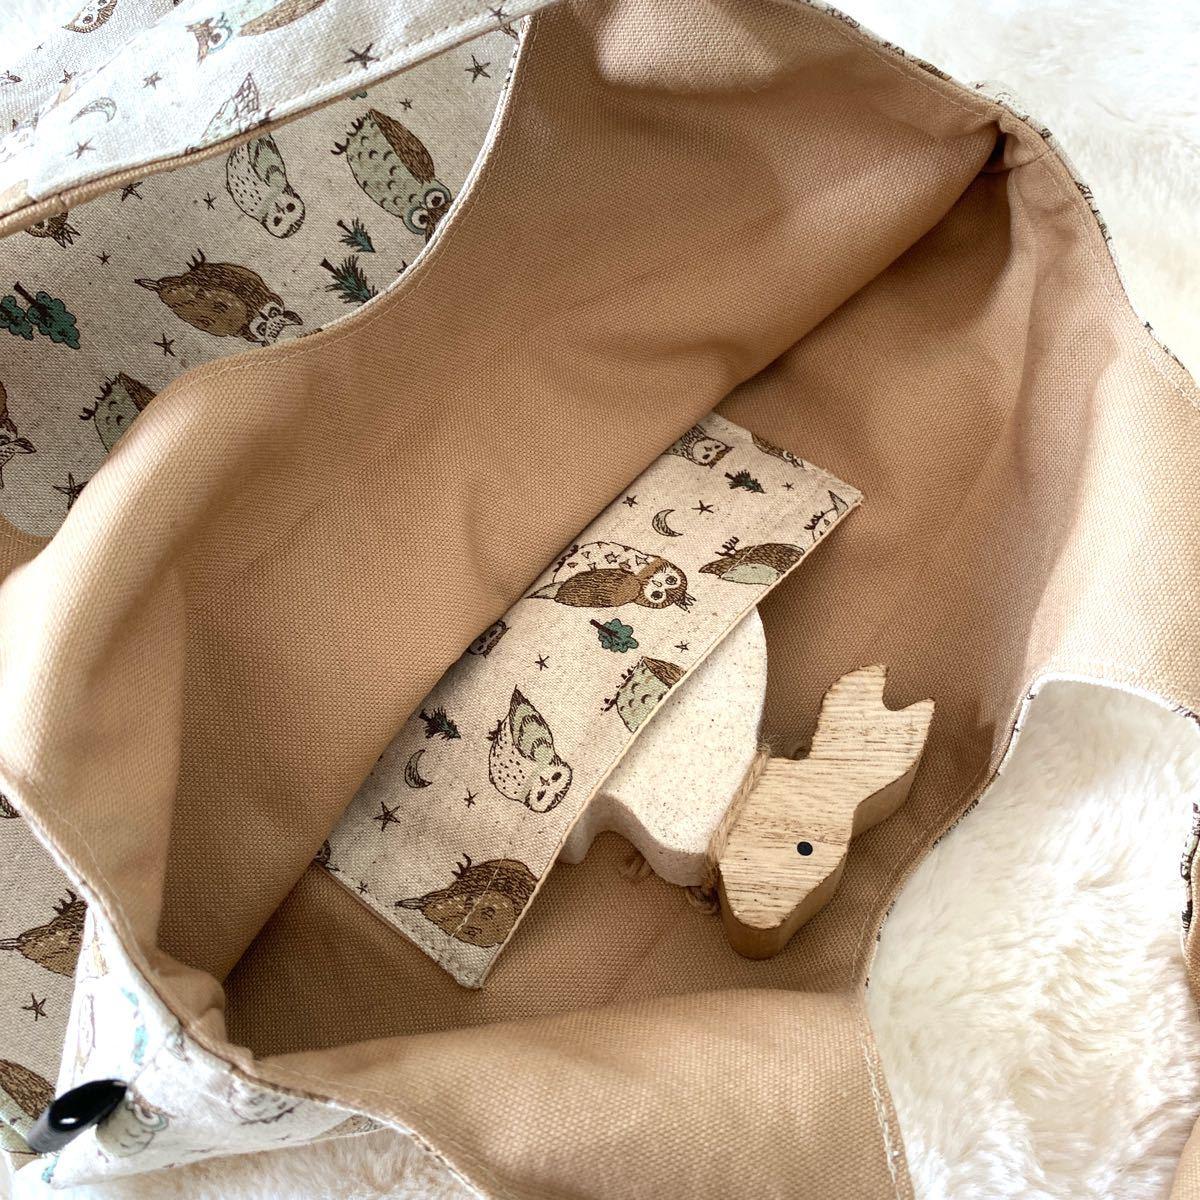 フクロウ トートバック 鳥 帆布 エコバッグ  サブバック ハンドメイド